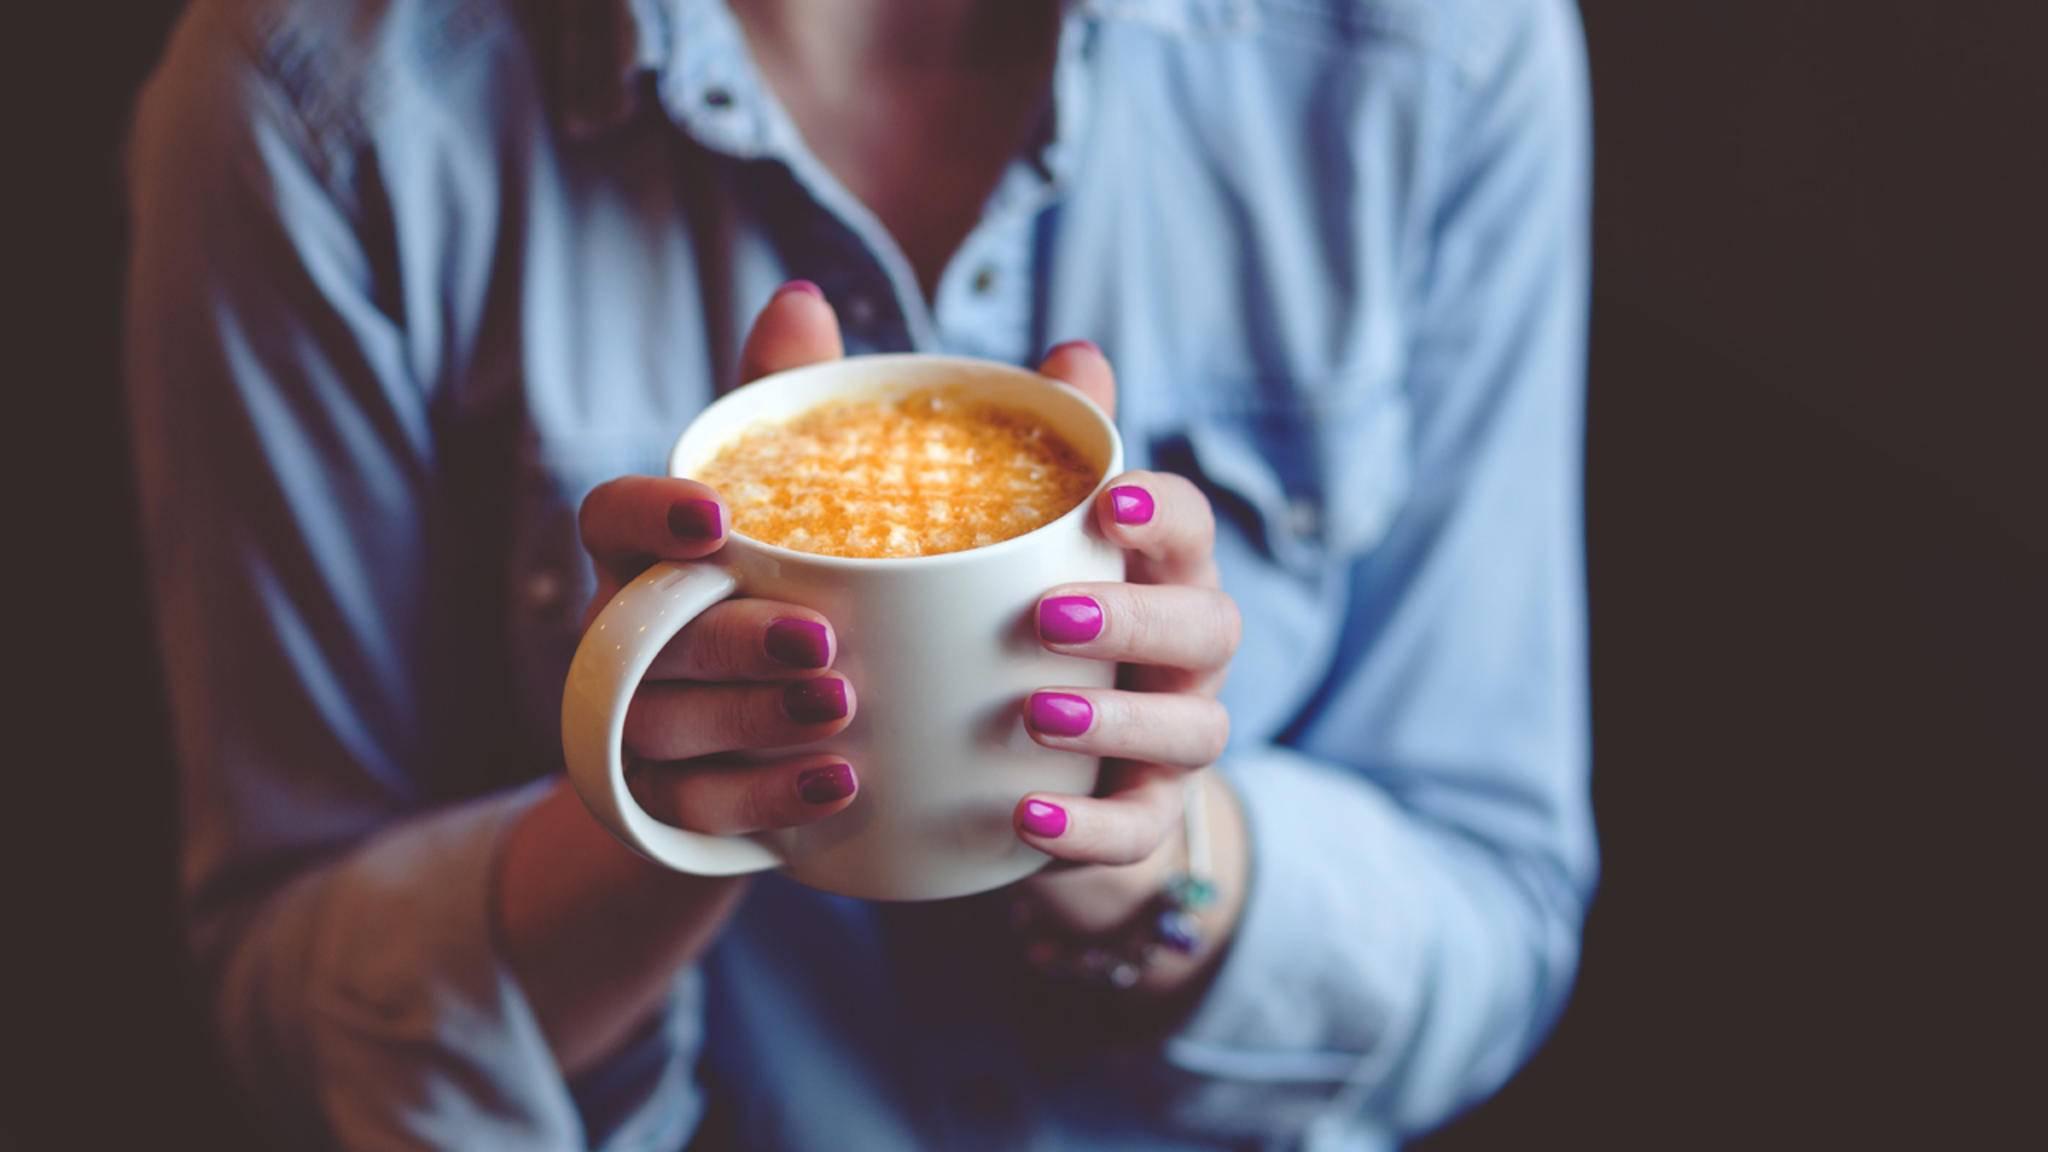 Espresso ist die Grundlage für zahlreiche leckere und vielseitige Getränke.